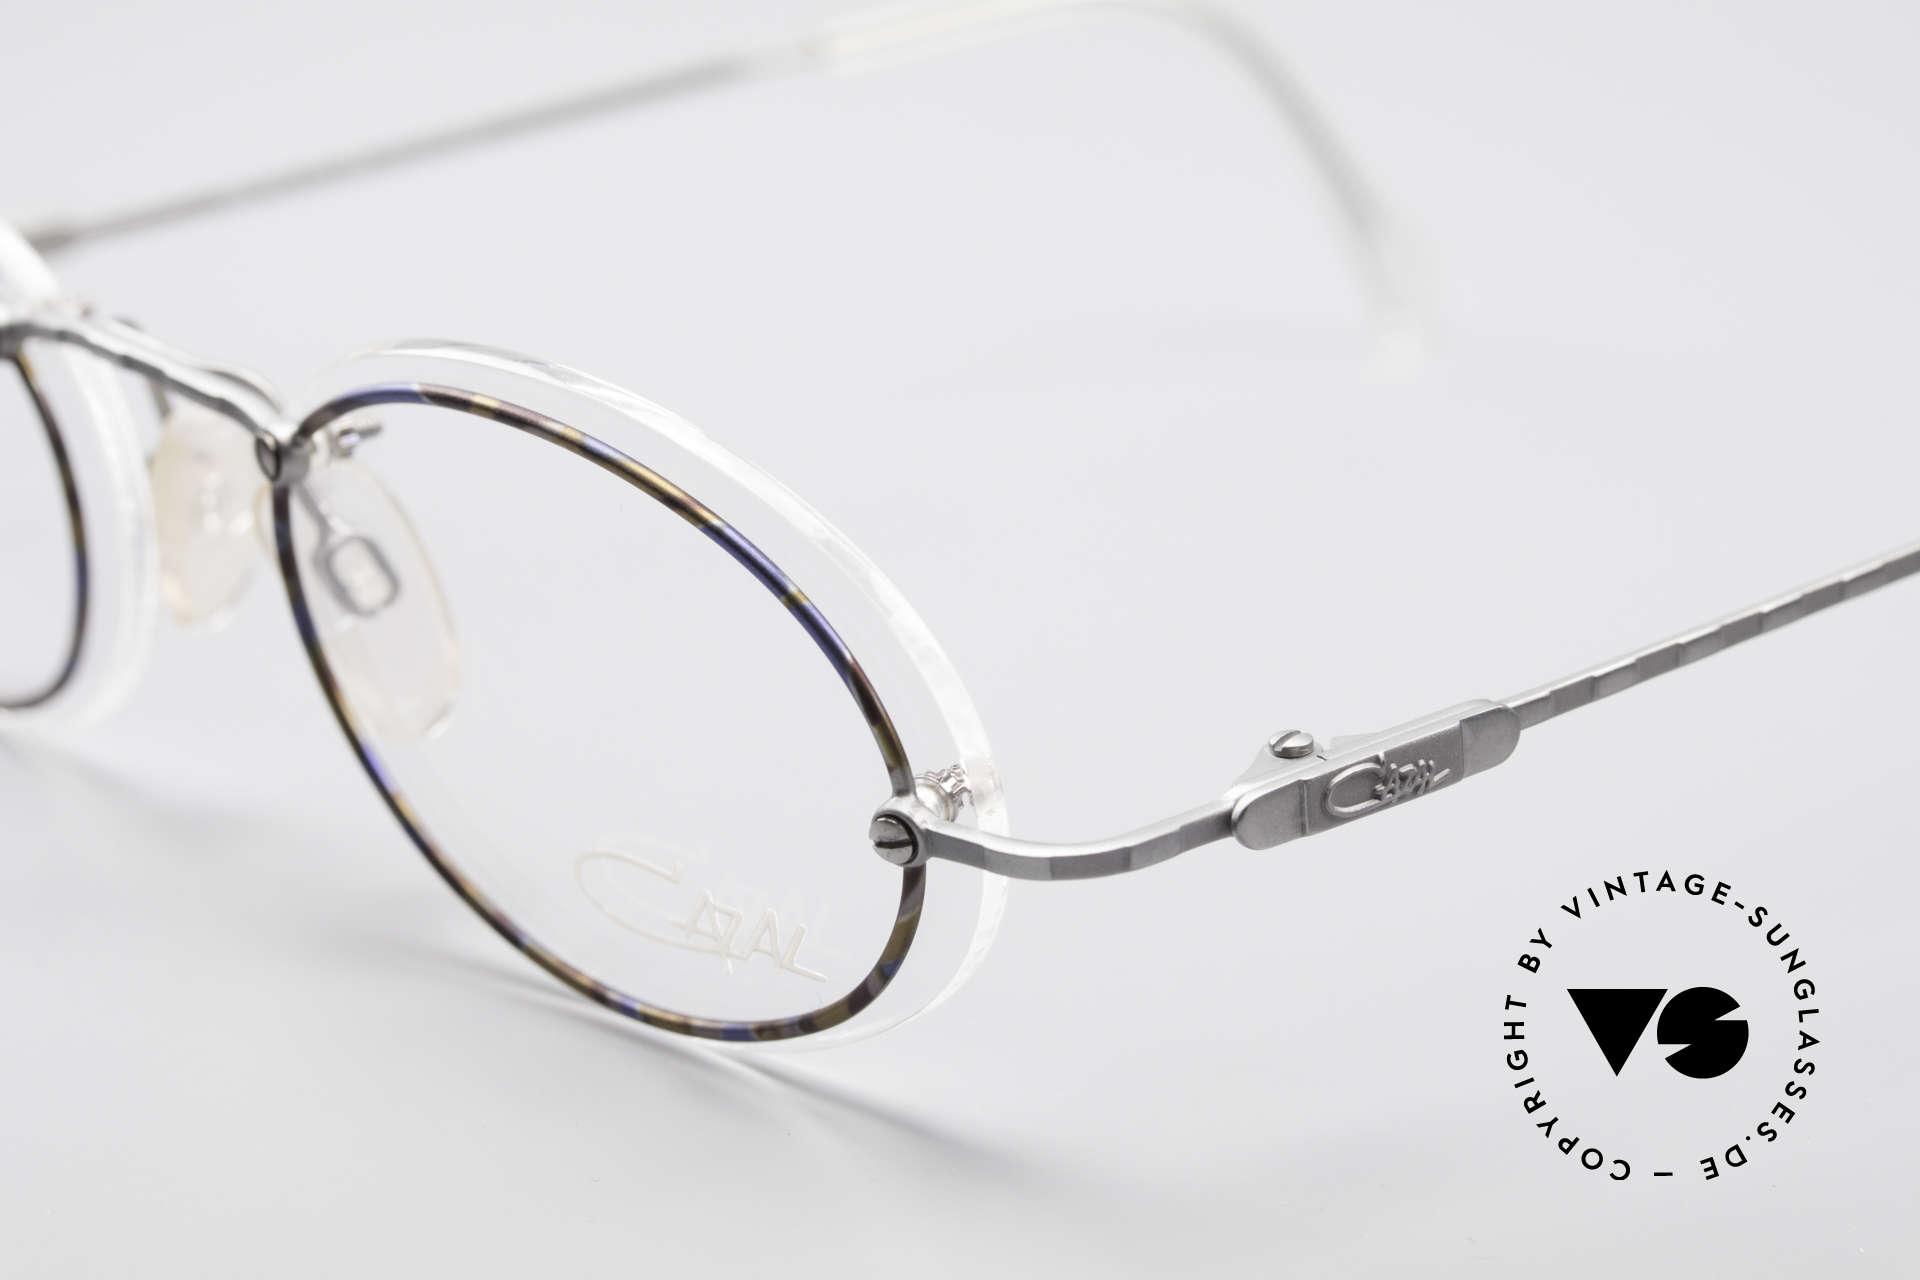 Cazal 770 Ovale Vintagebrille No Retro, ungetragen (wie alle unsere vintage Designklassiker), Passend für Herren und Damen